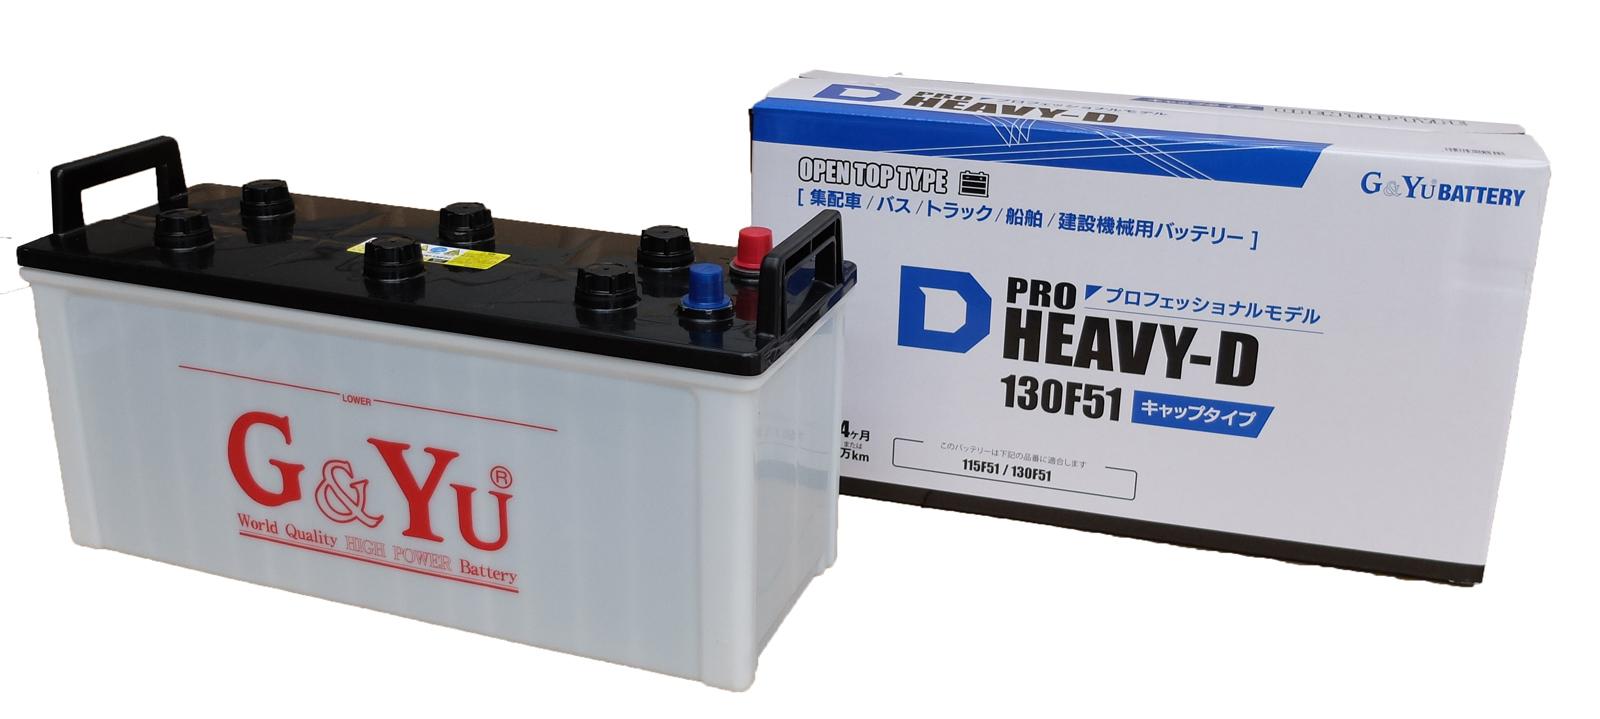 G&Yu バッテリー HD-130F51